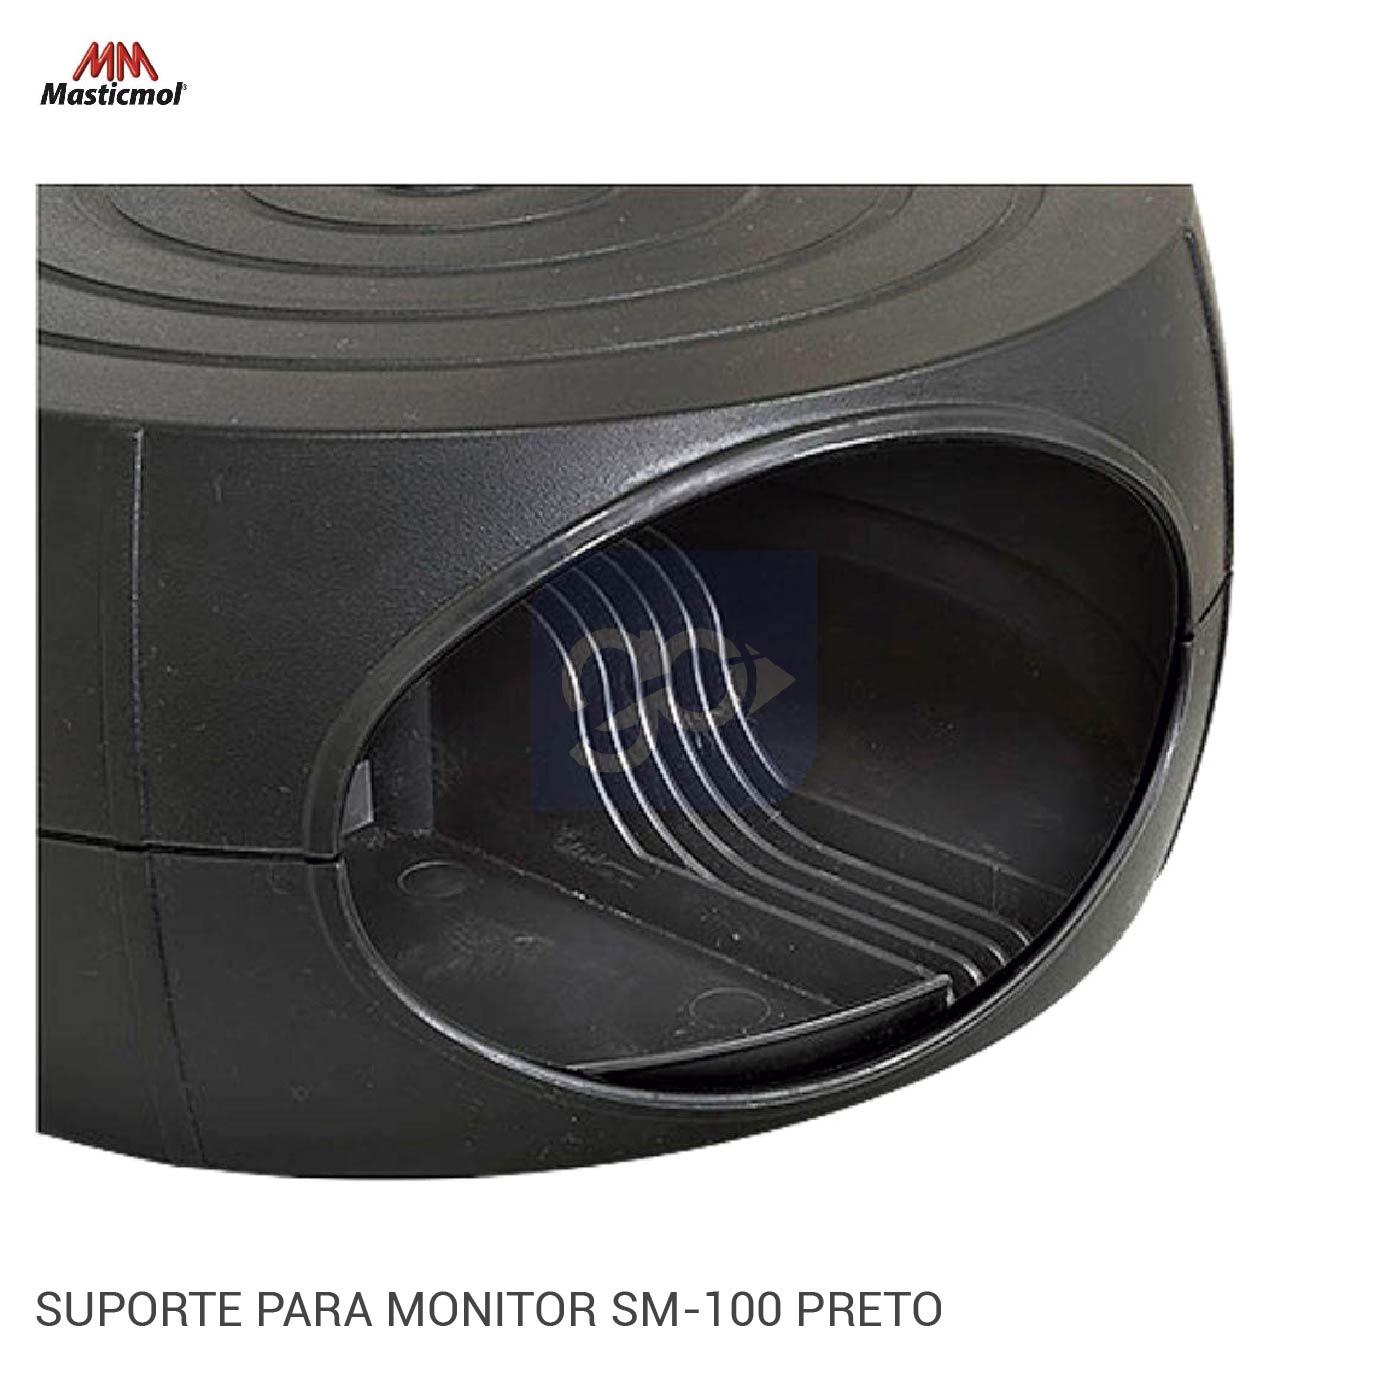 Suporte Para Monitor Sm-100 Preto - Masticmol  - GO AUTOMAÇÃO